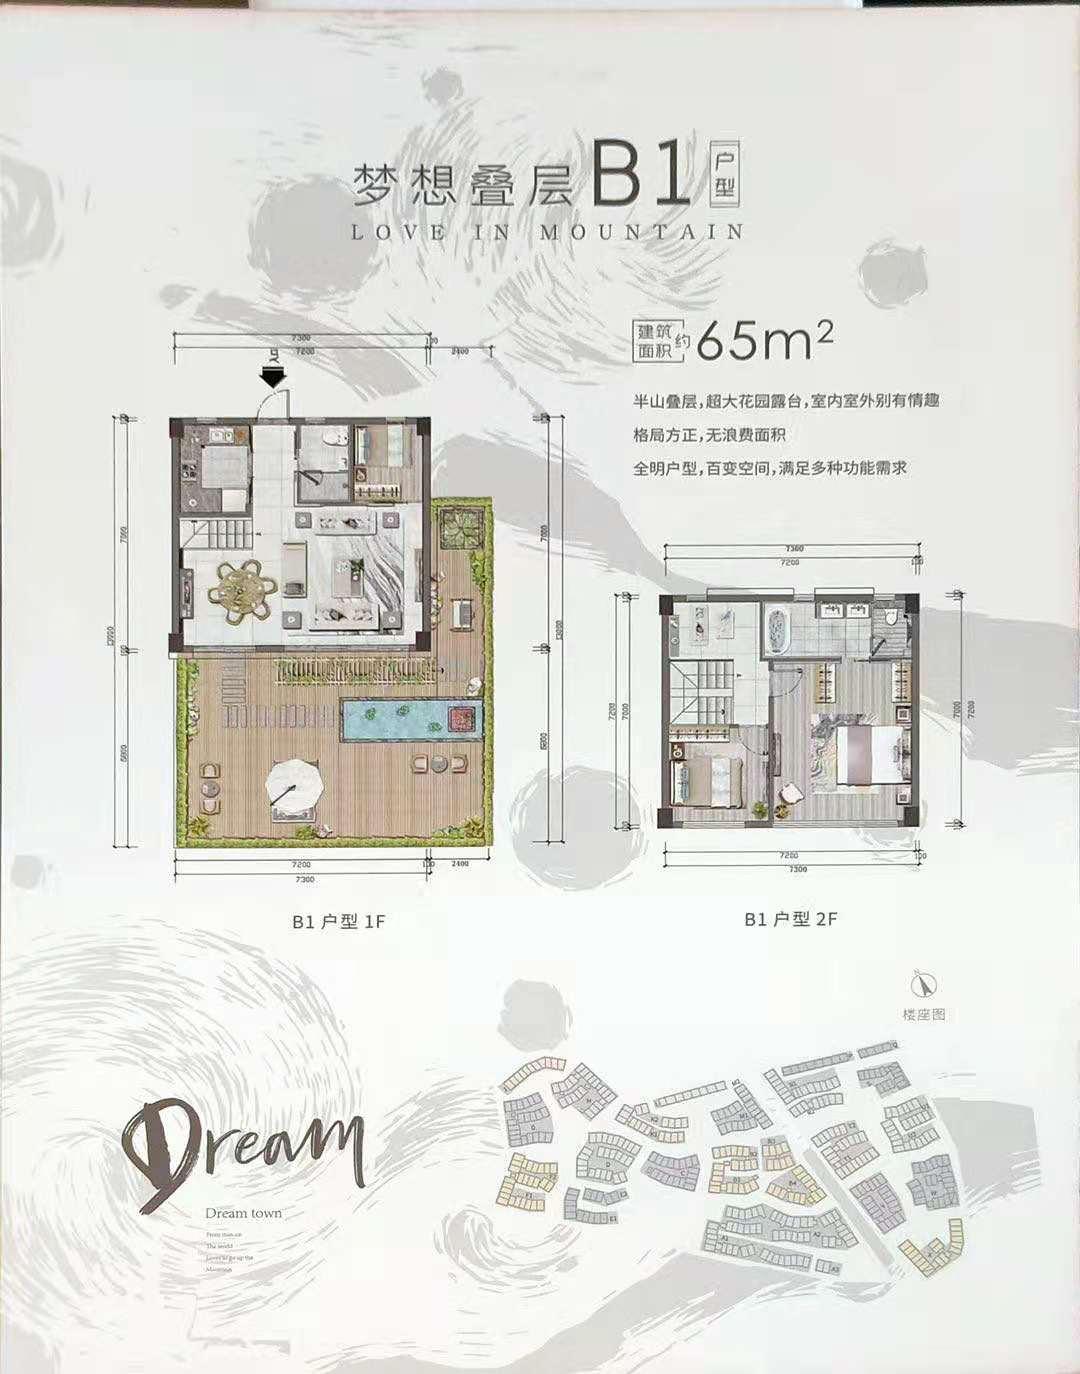 爱上山·梦想小镇3房2厅2卫1大花园